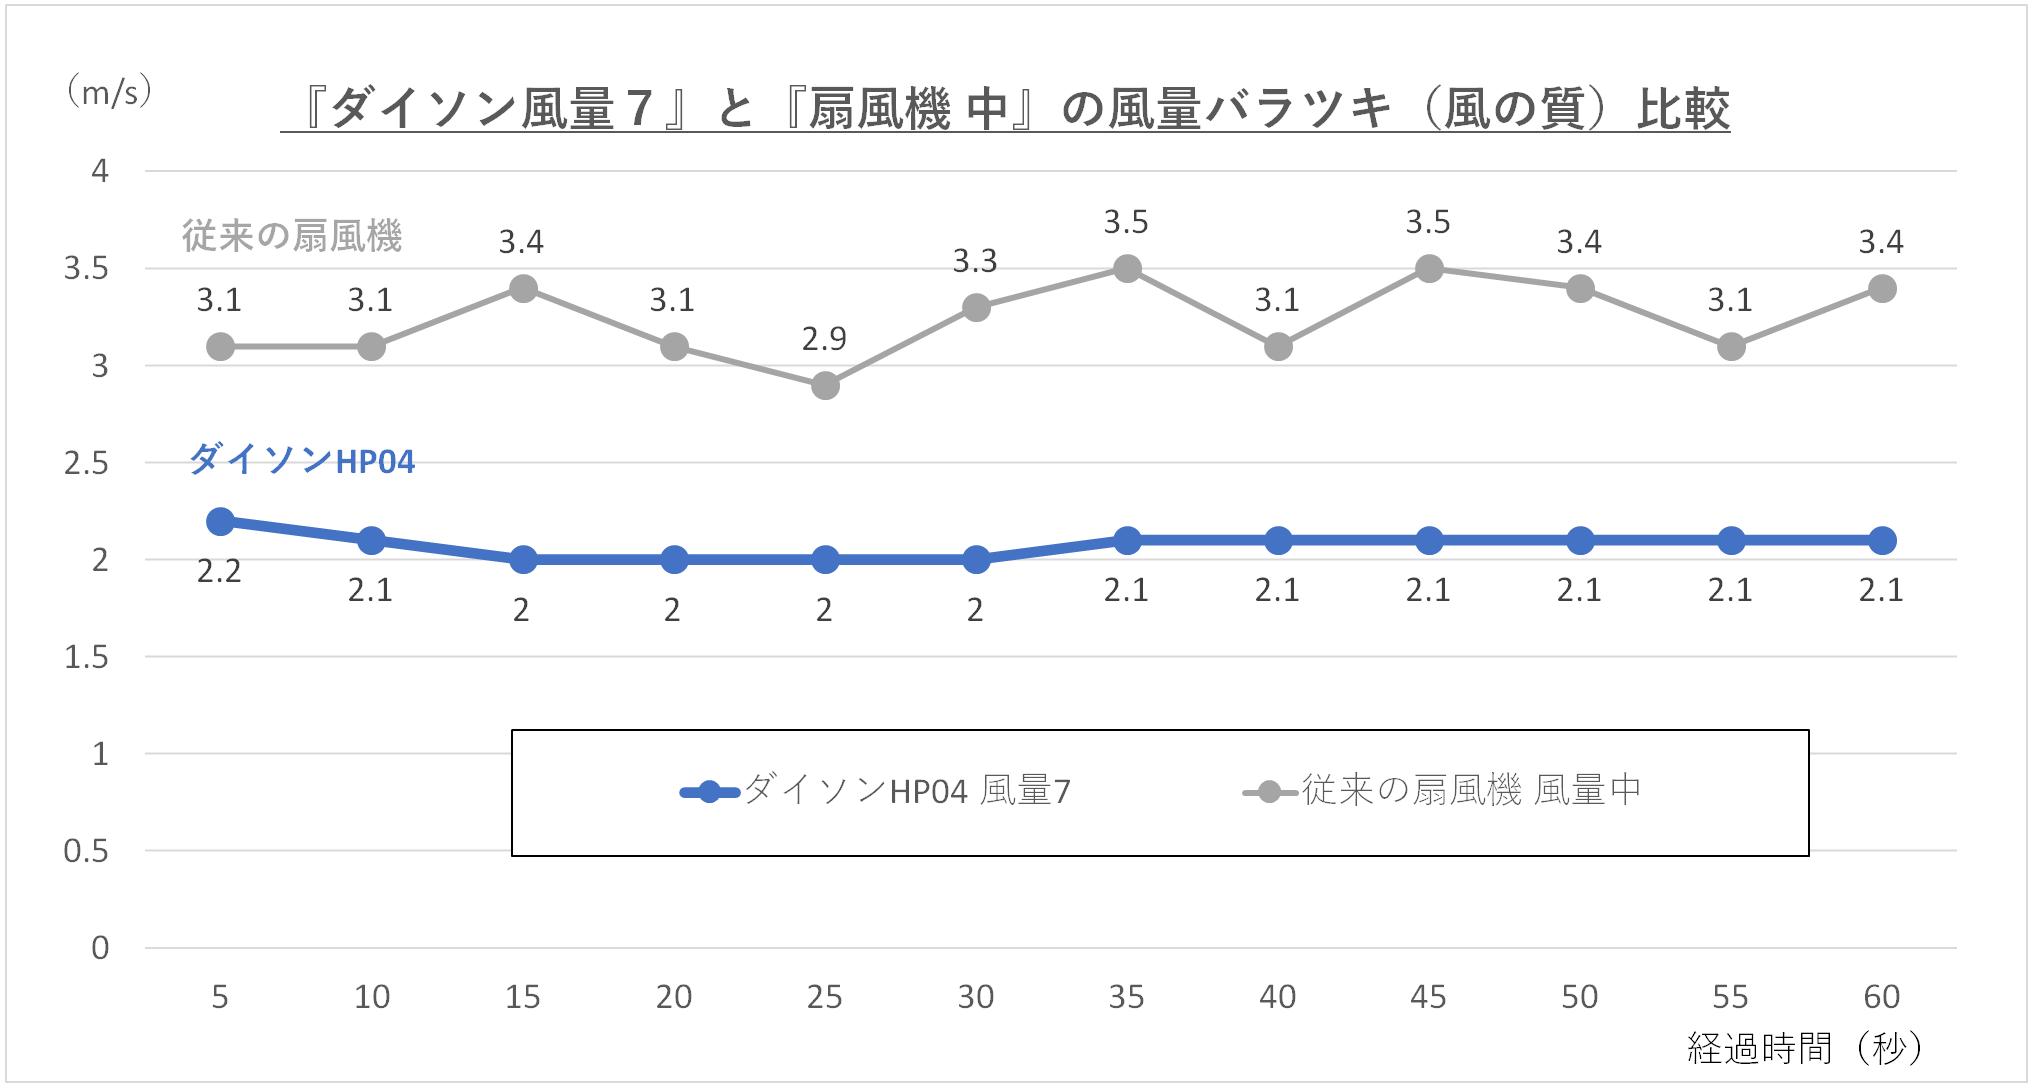 『ダイソン風量7』と『扇風機 中』の風量のバラツキを比較しているグラフ